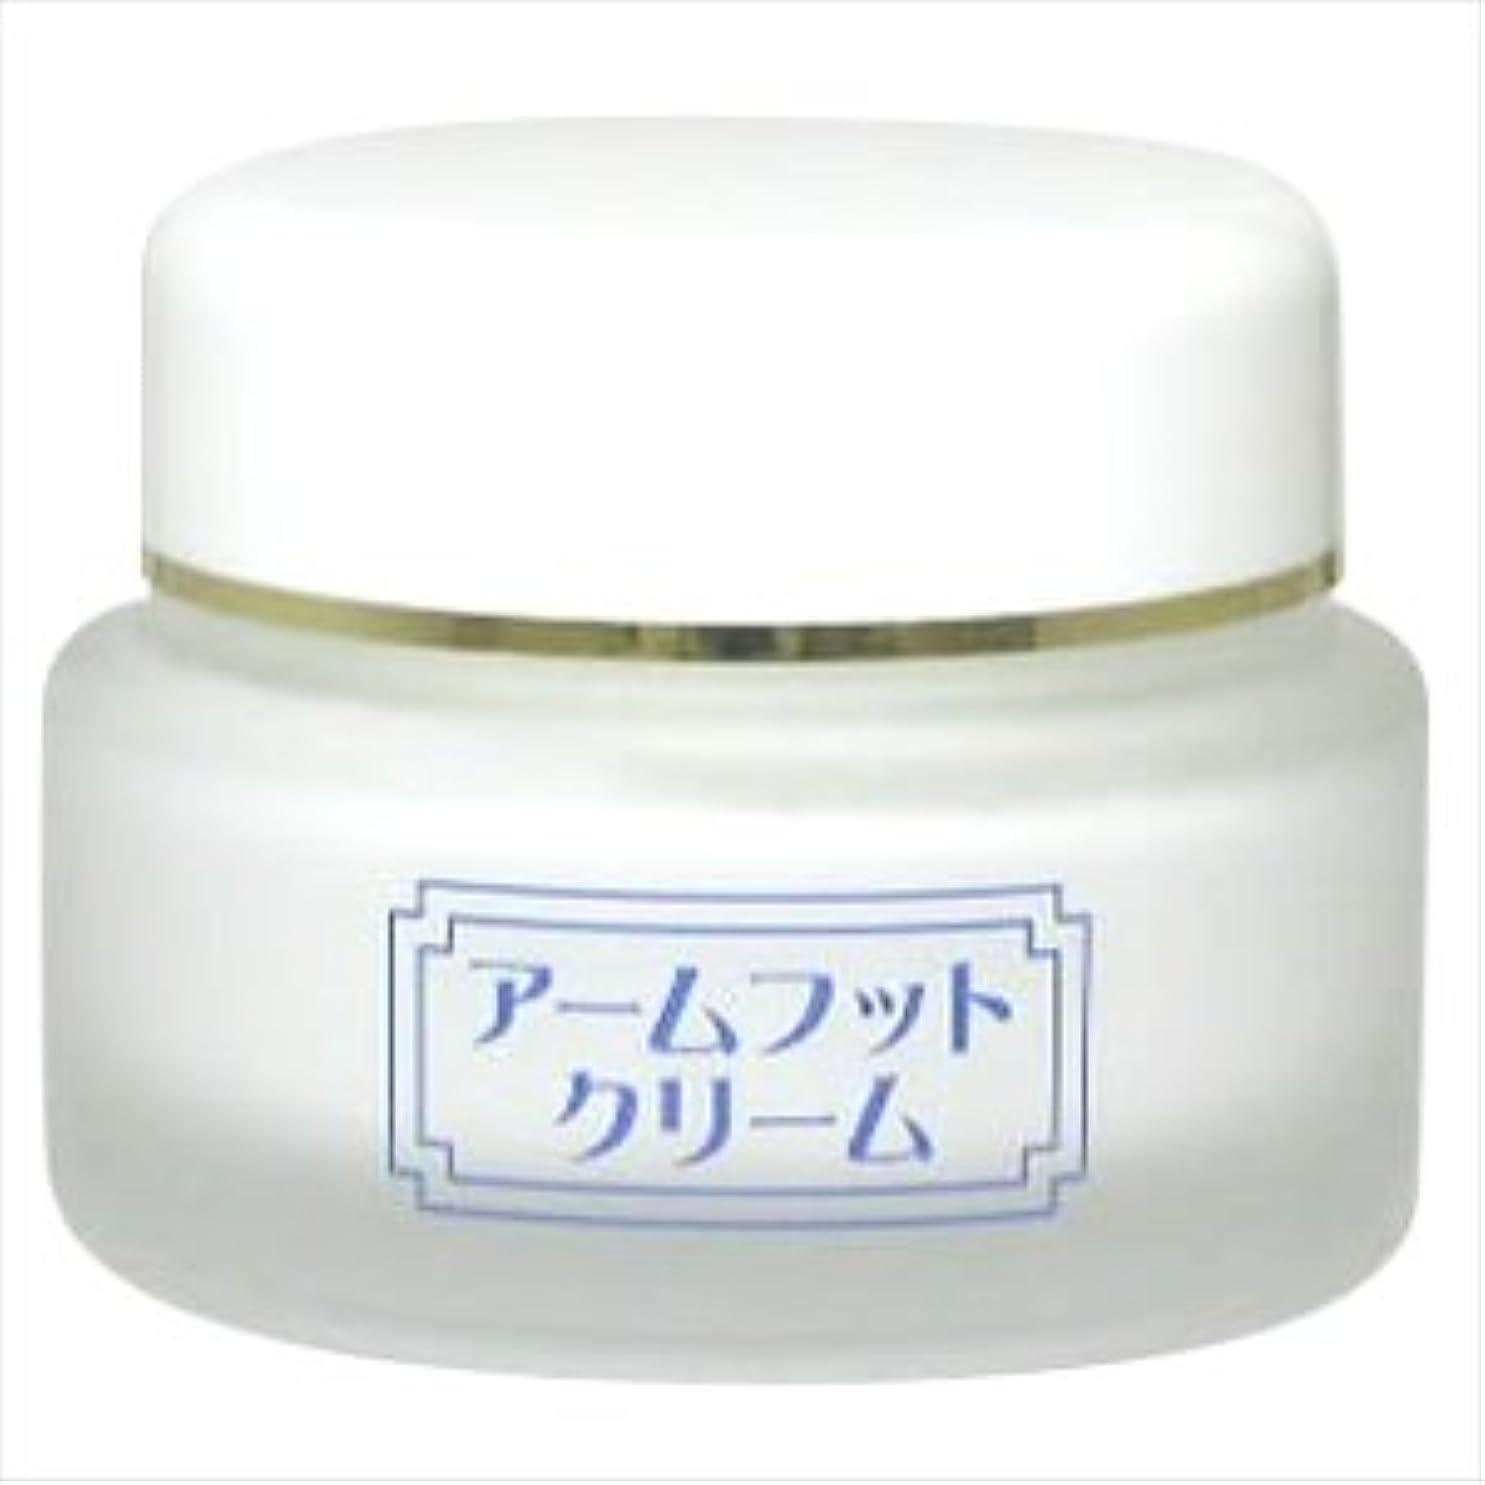 懐疑論予算パイル薬用デオドラントクリーム アームフットクリーム(20g) (1個)